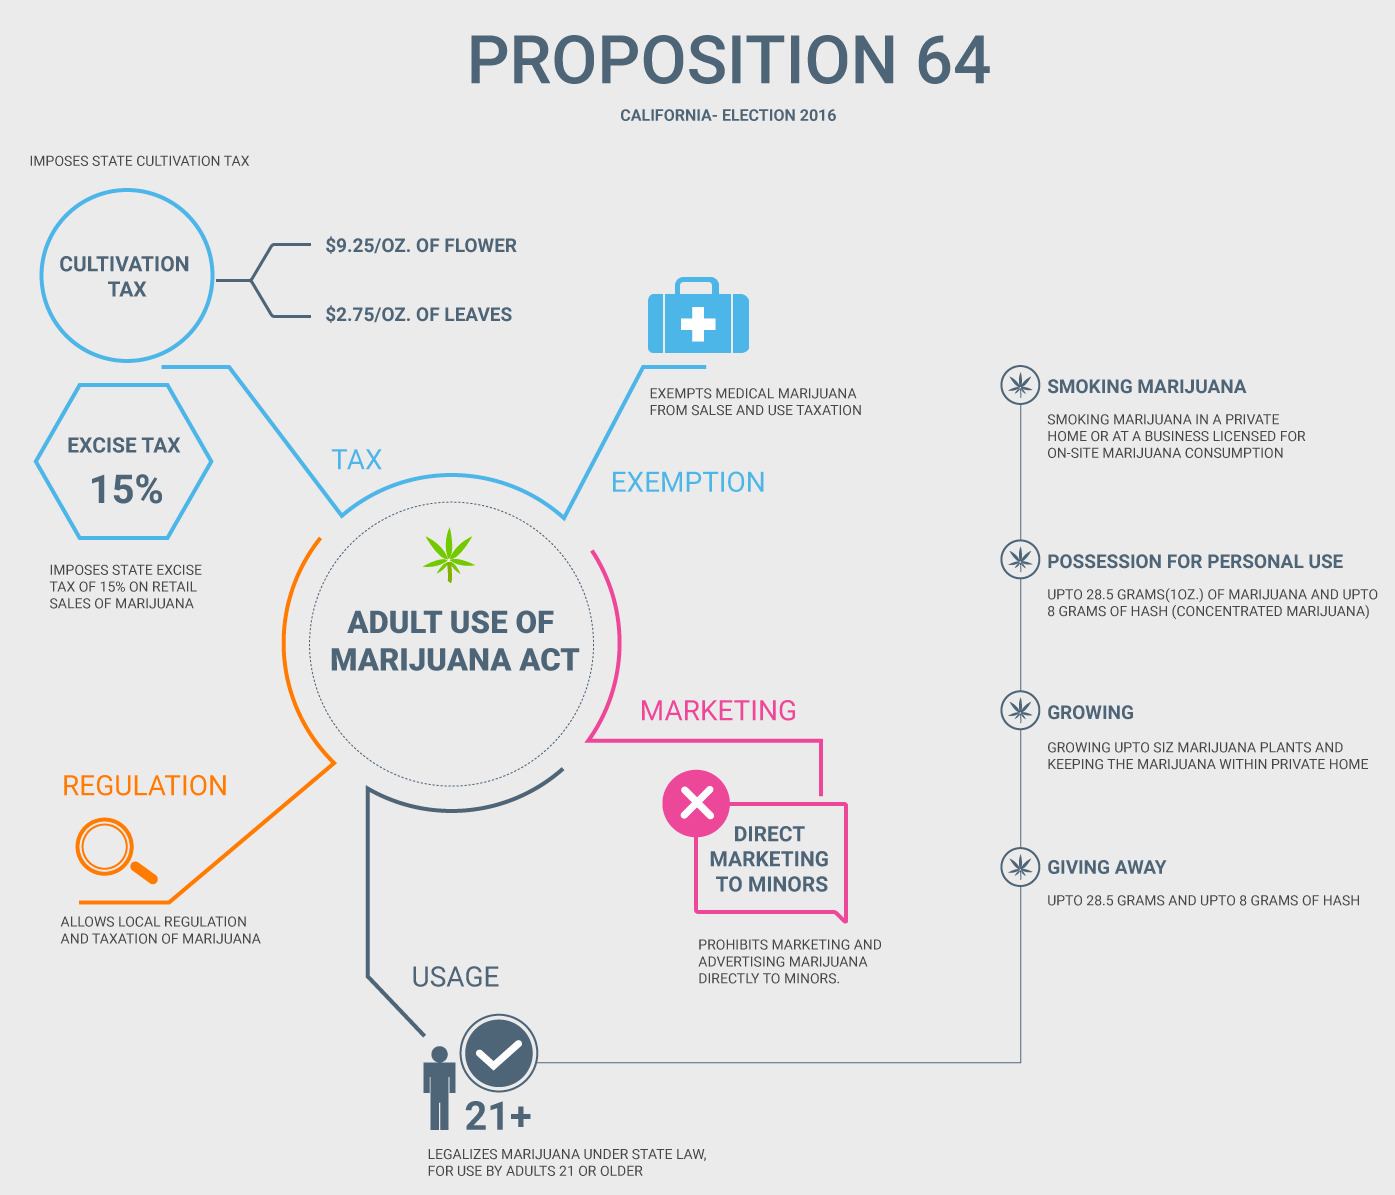 Proposició 64 per legalitzar marihuana a Califòrnia (font: votecircle)